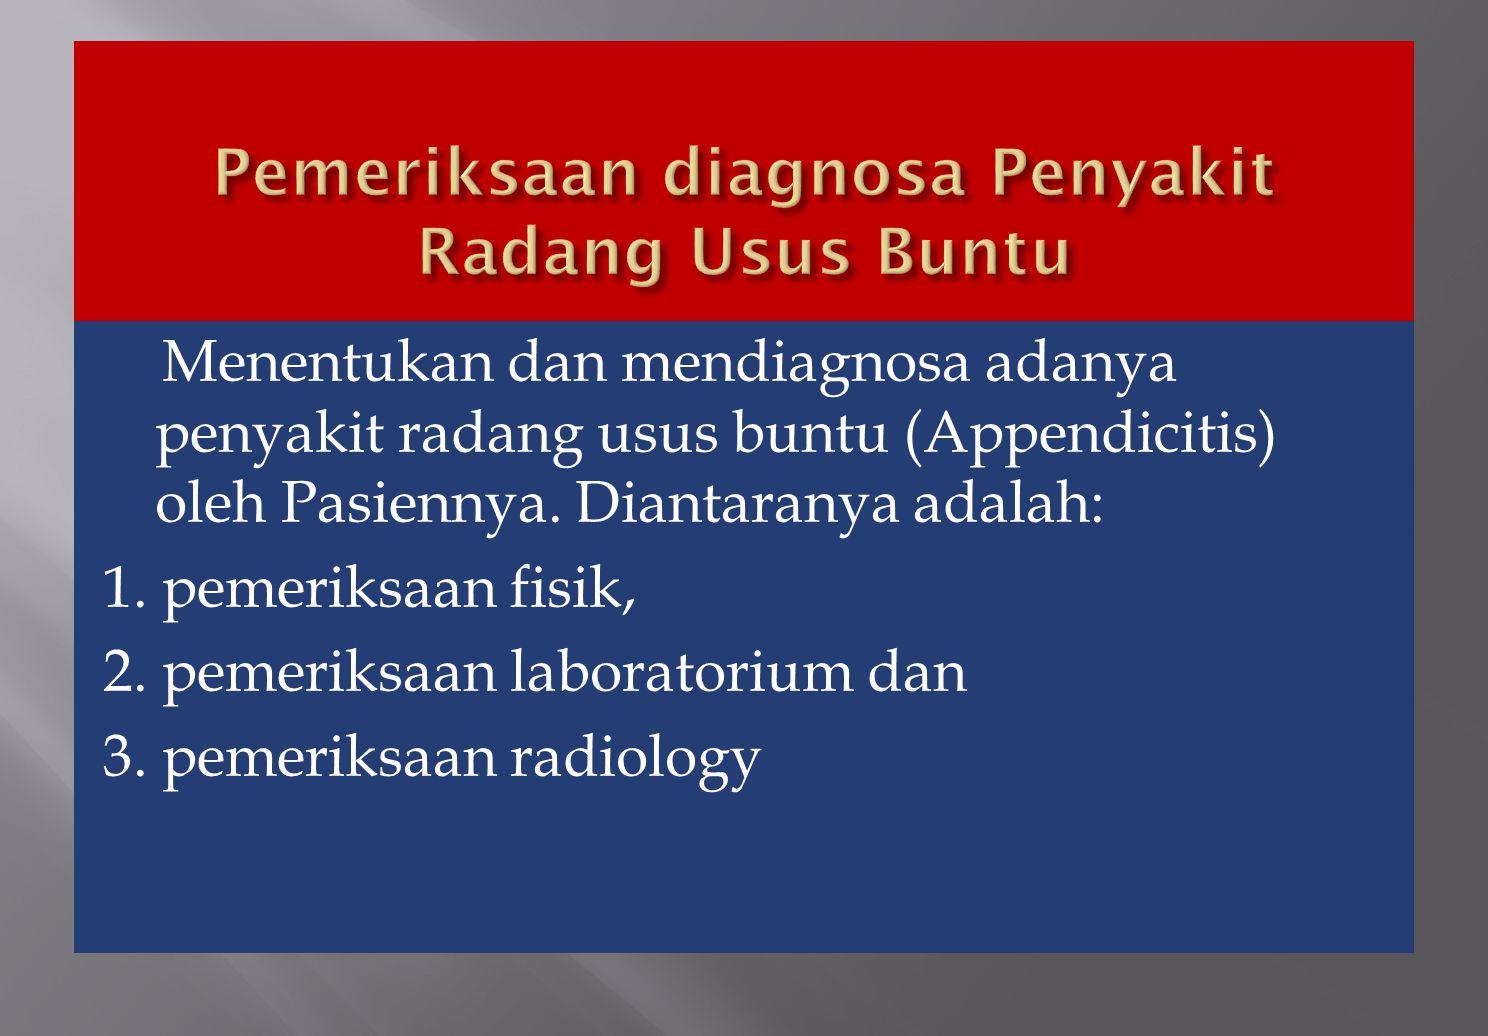 Pemeriksaan diagnosa Penyakit Radang Usus Buntu